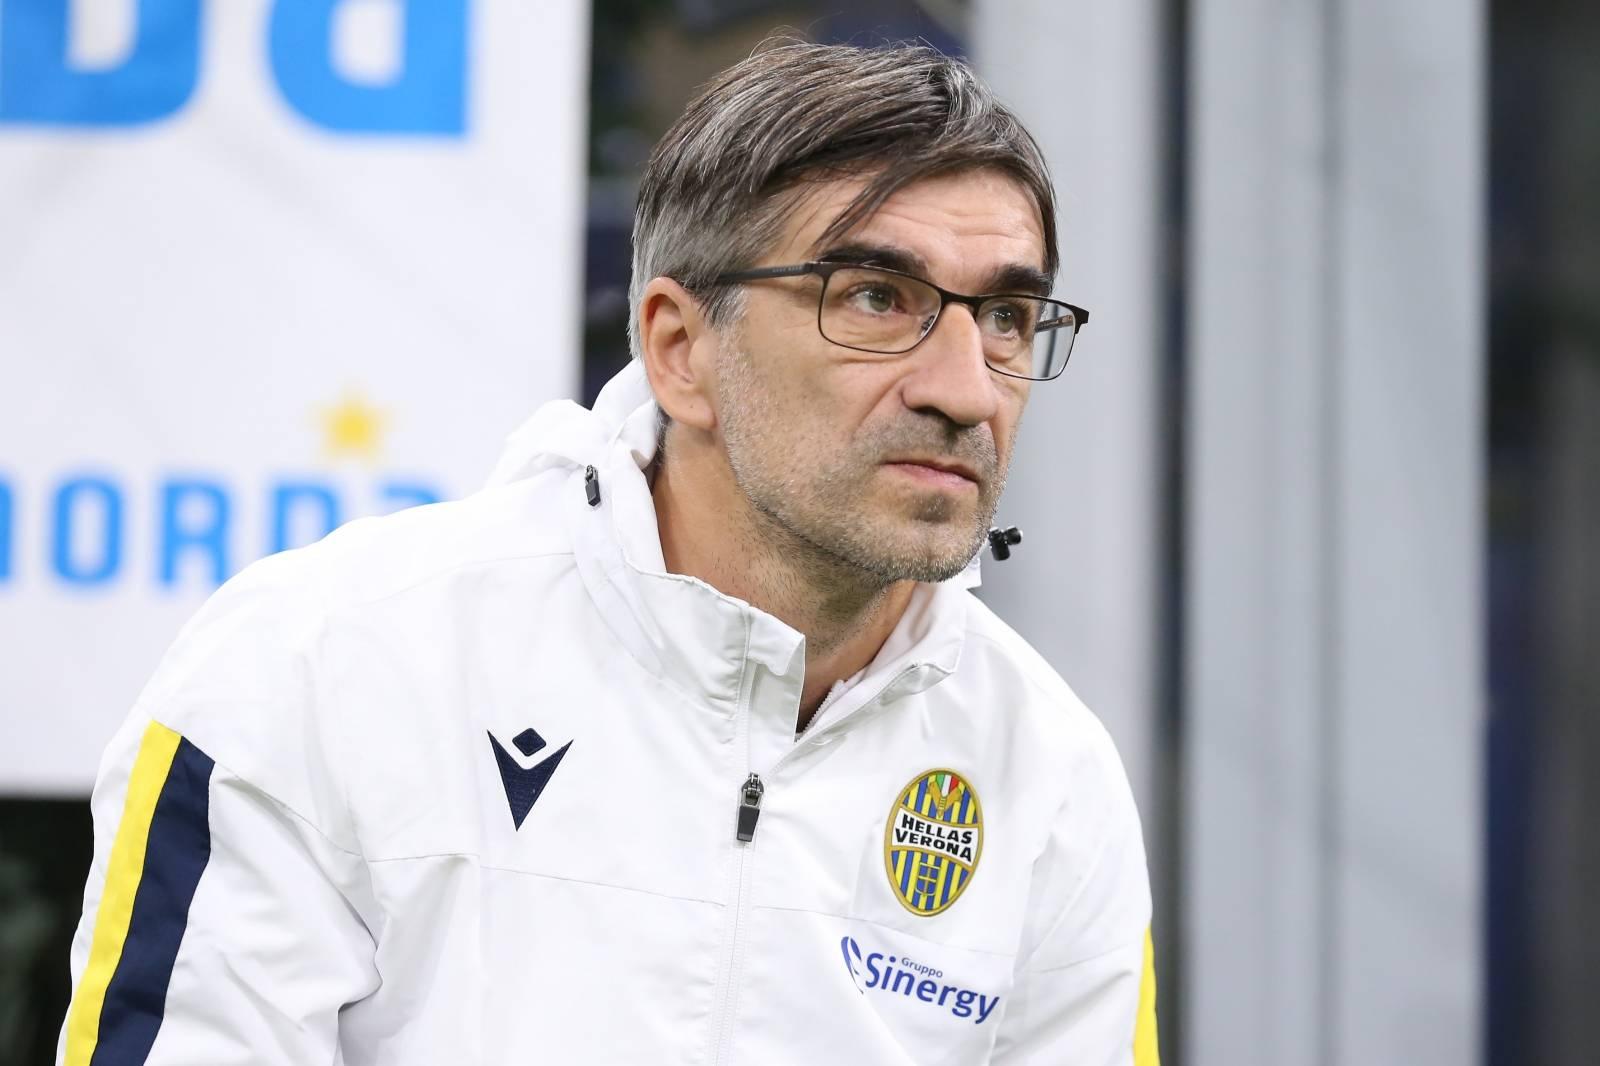 Internazionale v Hellas Verona - Serie A - Giuseppe Meazza